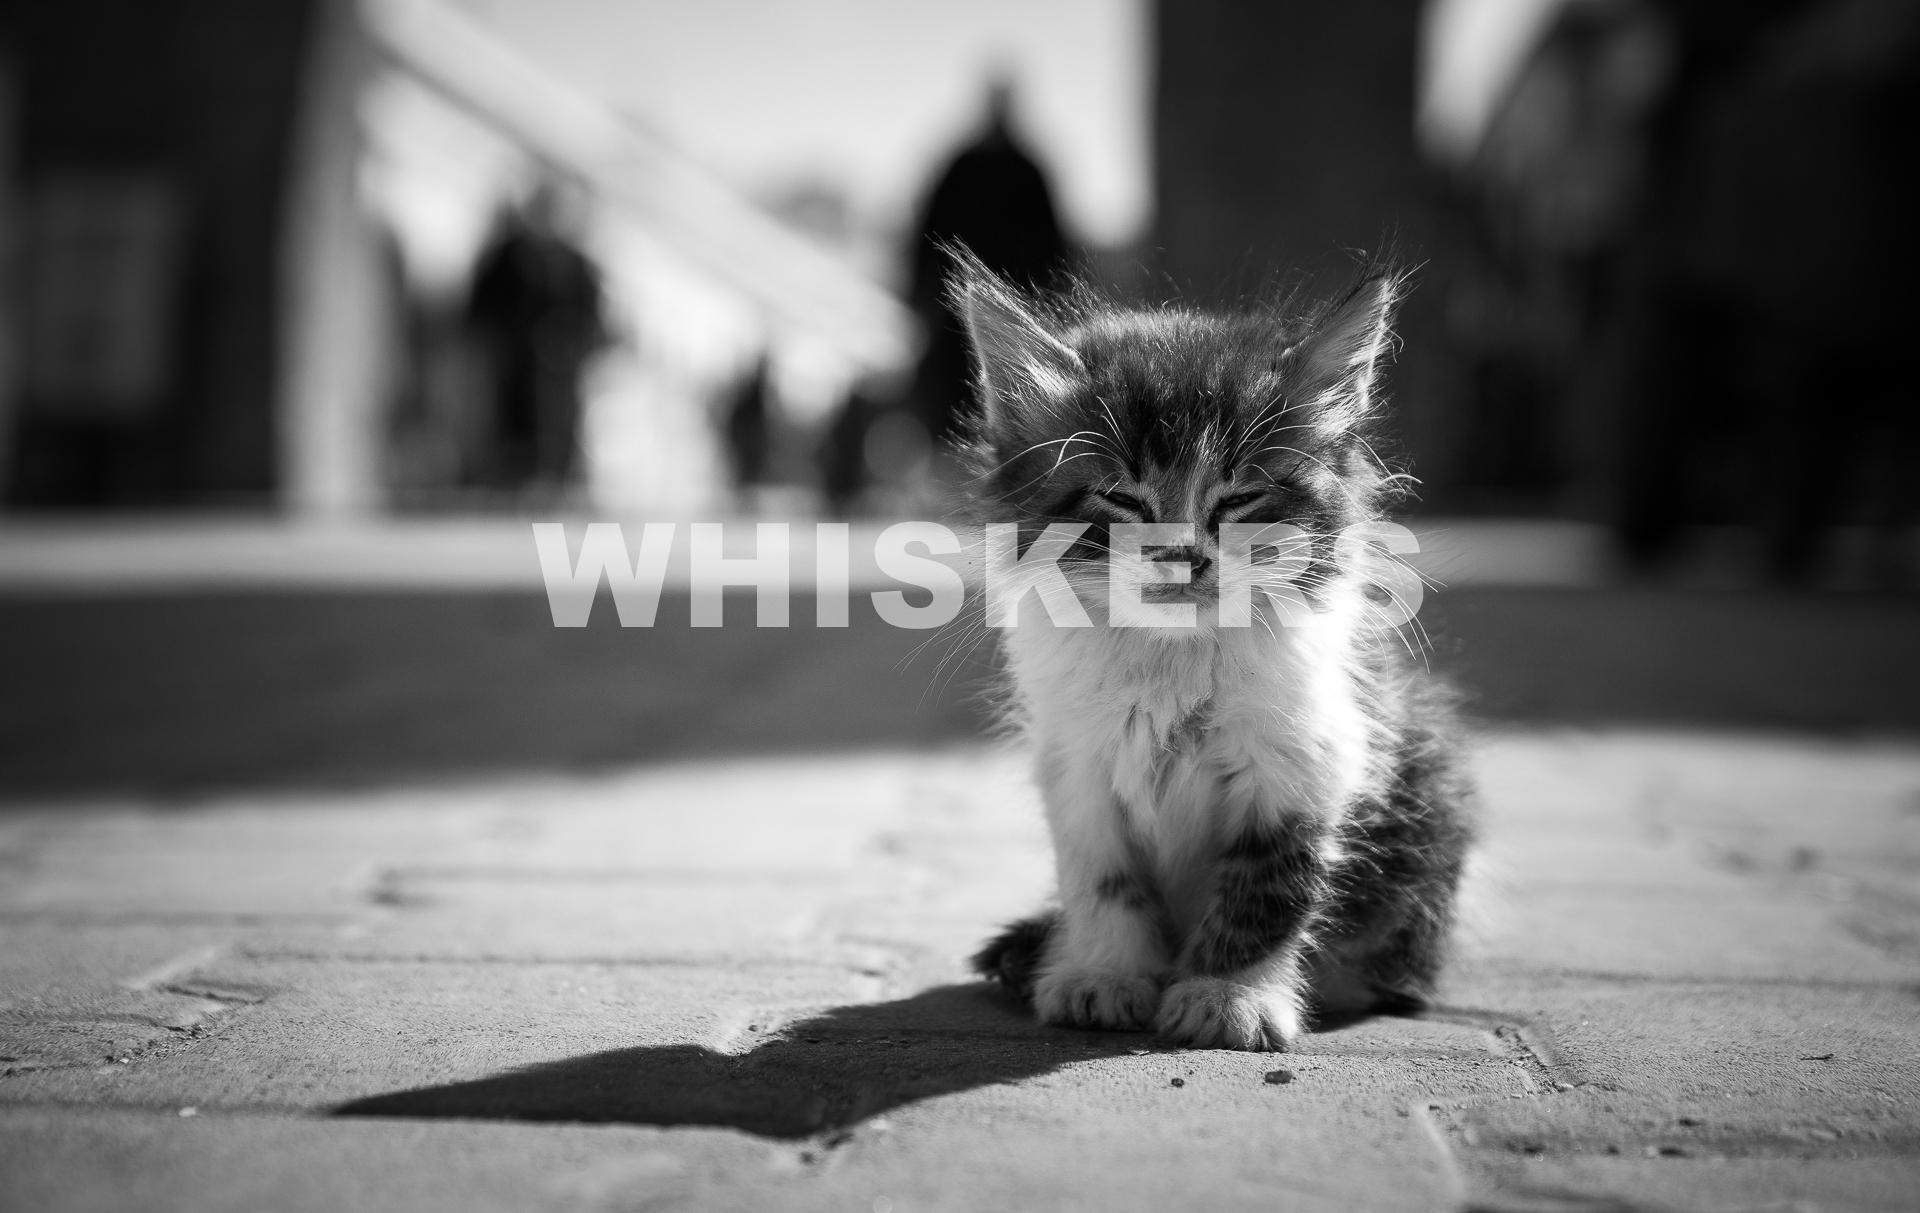 whiskers.jpg